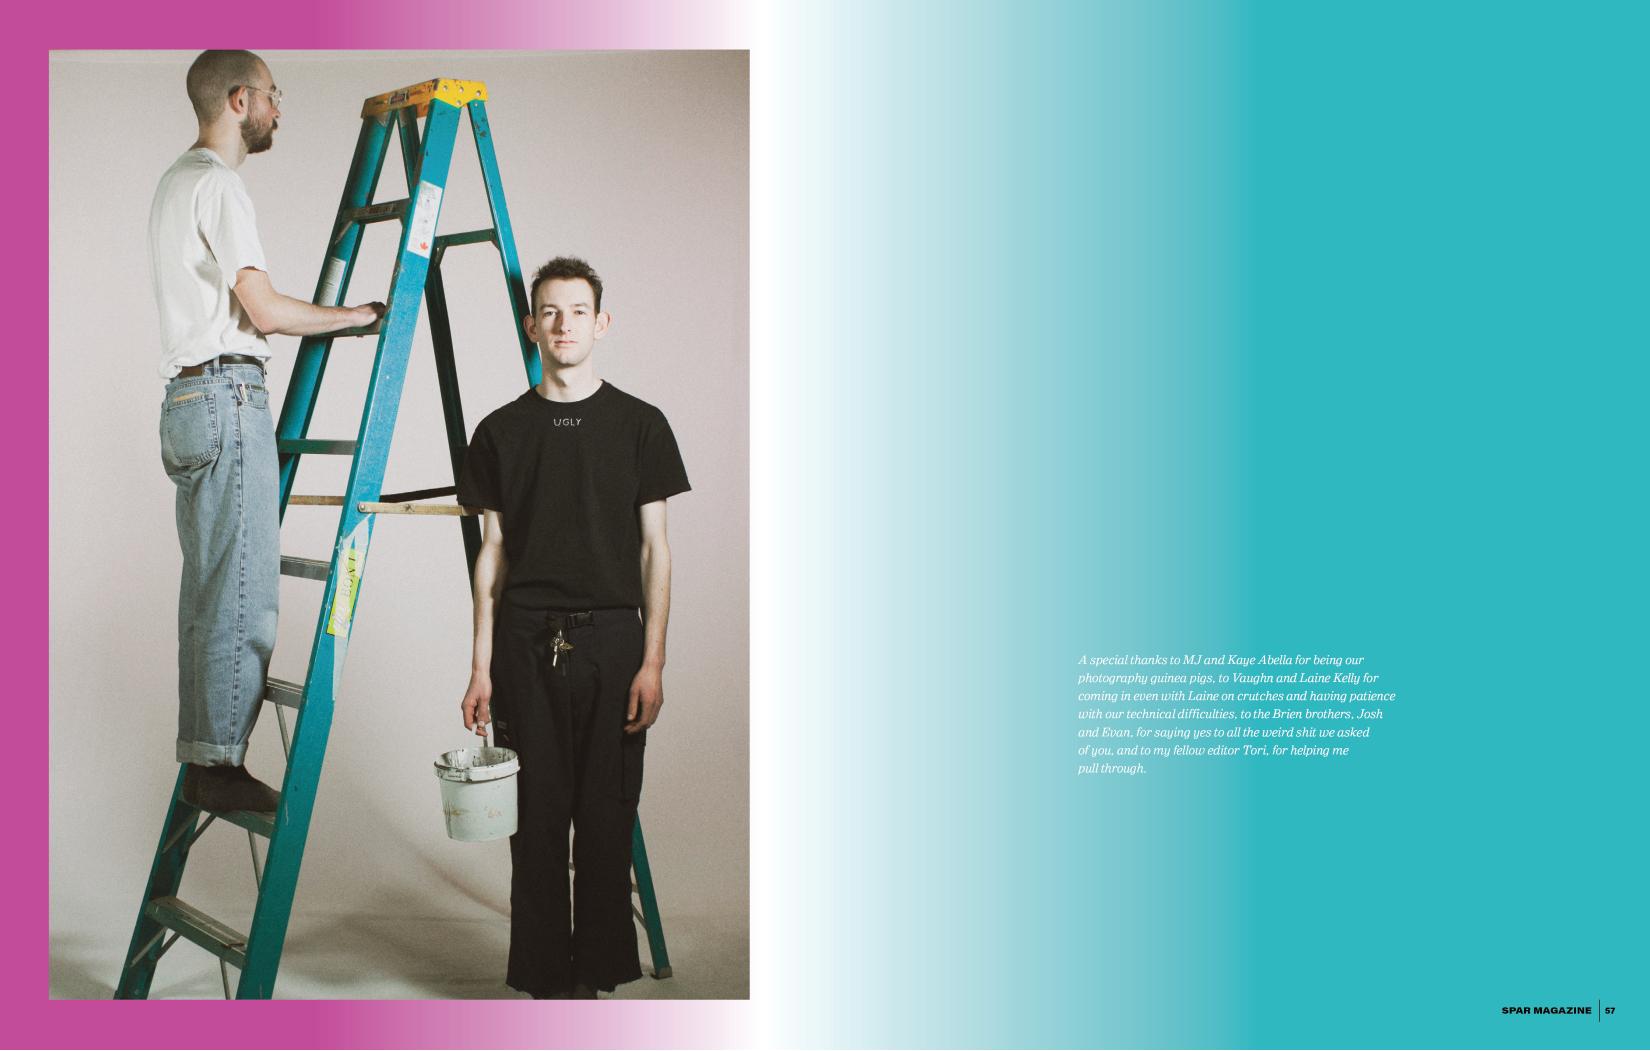 spar_magazine_feature_sm-11.png